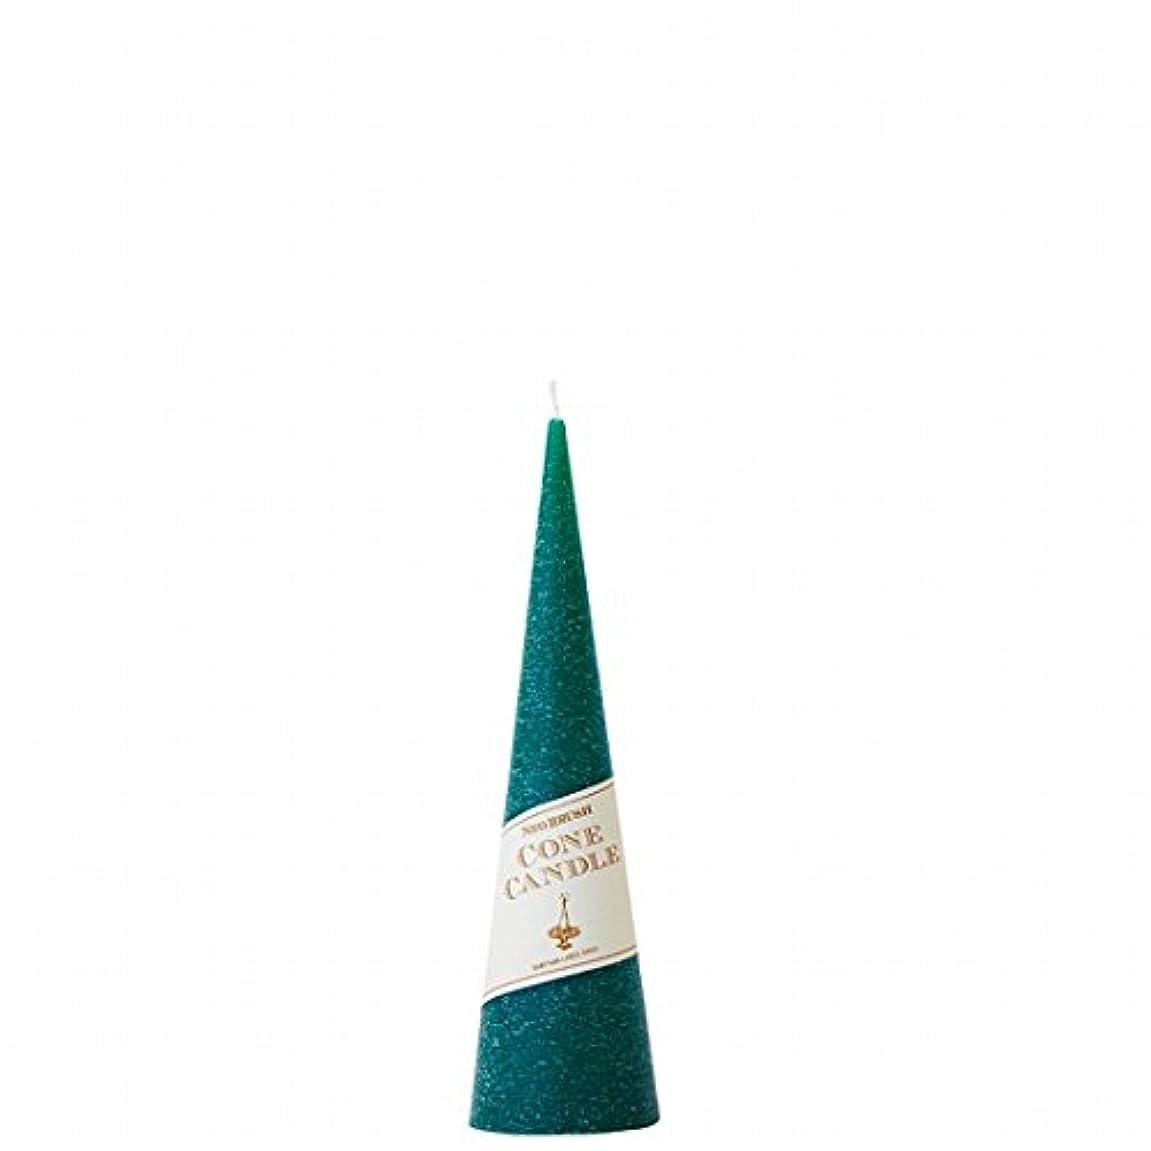 思い出させるチャーミング前売kameyama candle(カメヤマキャンドル) ネオブラッシュコーン 180 キャンドル 「 グリーン 」(A9750010G)